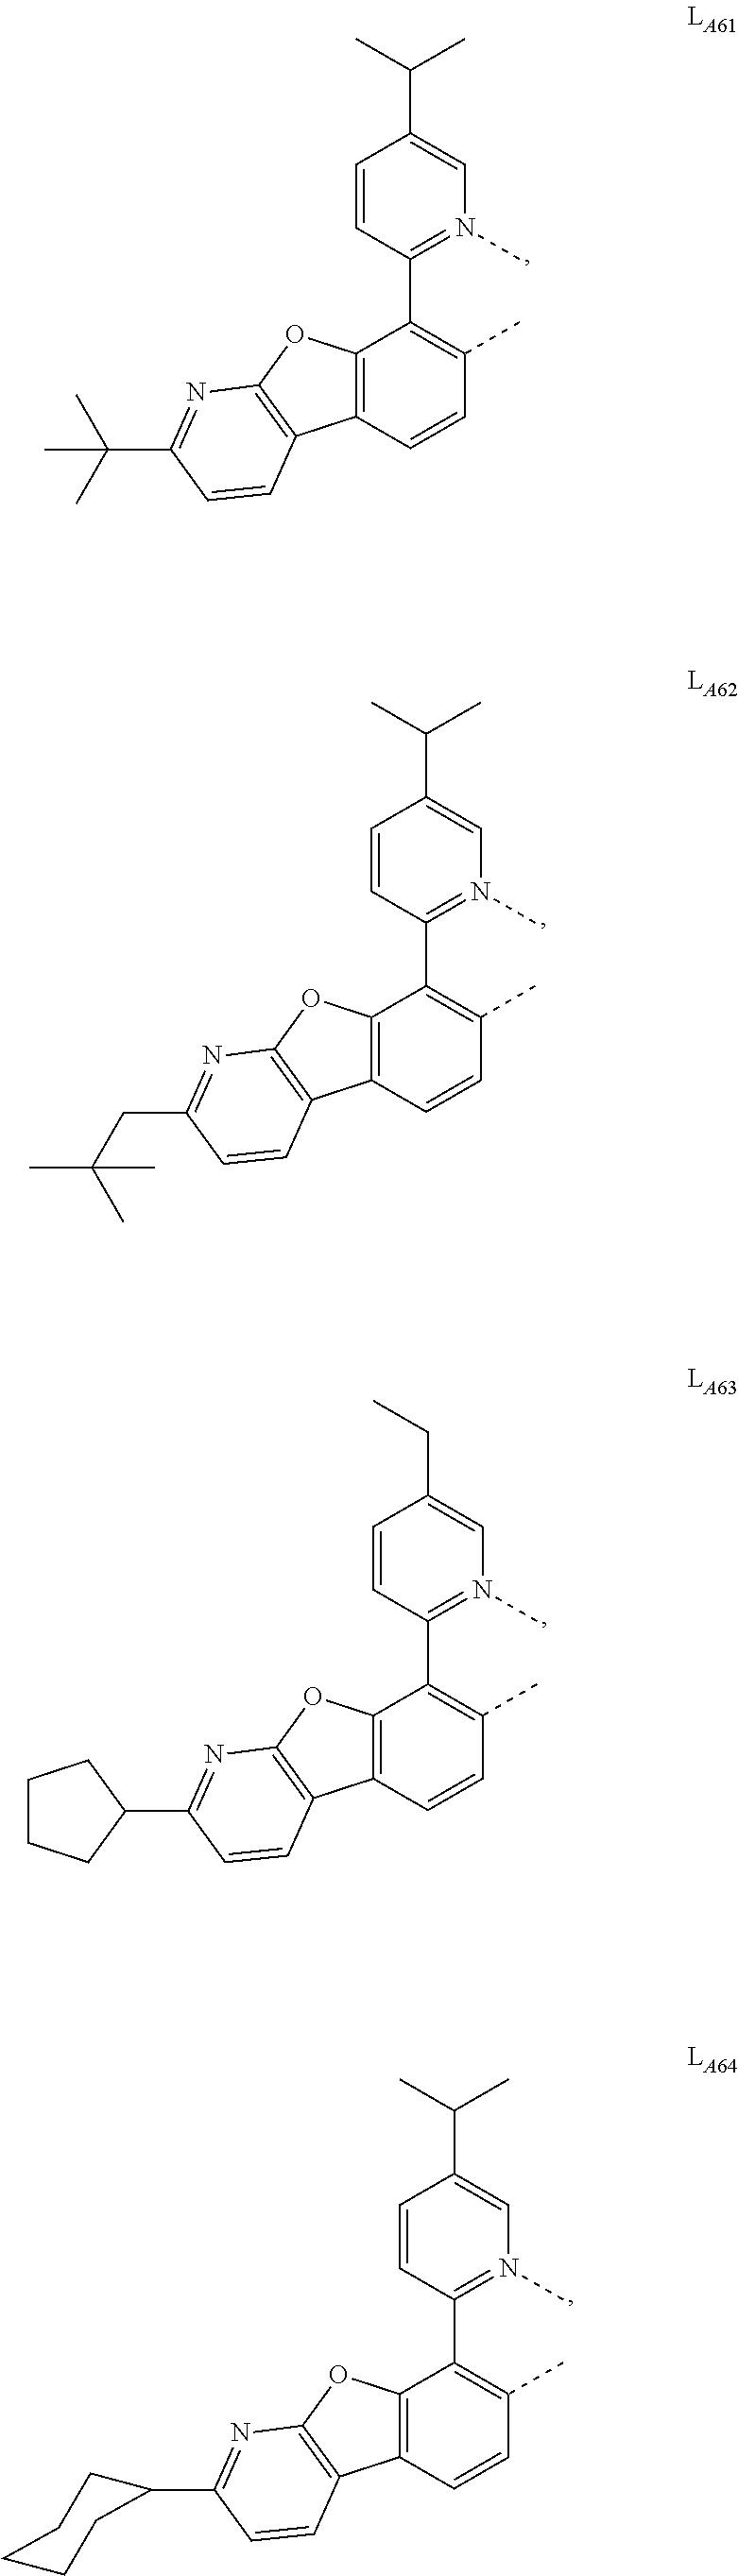 Figure US10043987-20180807-C00022